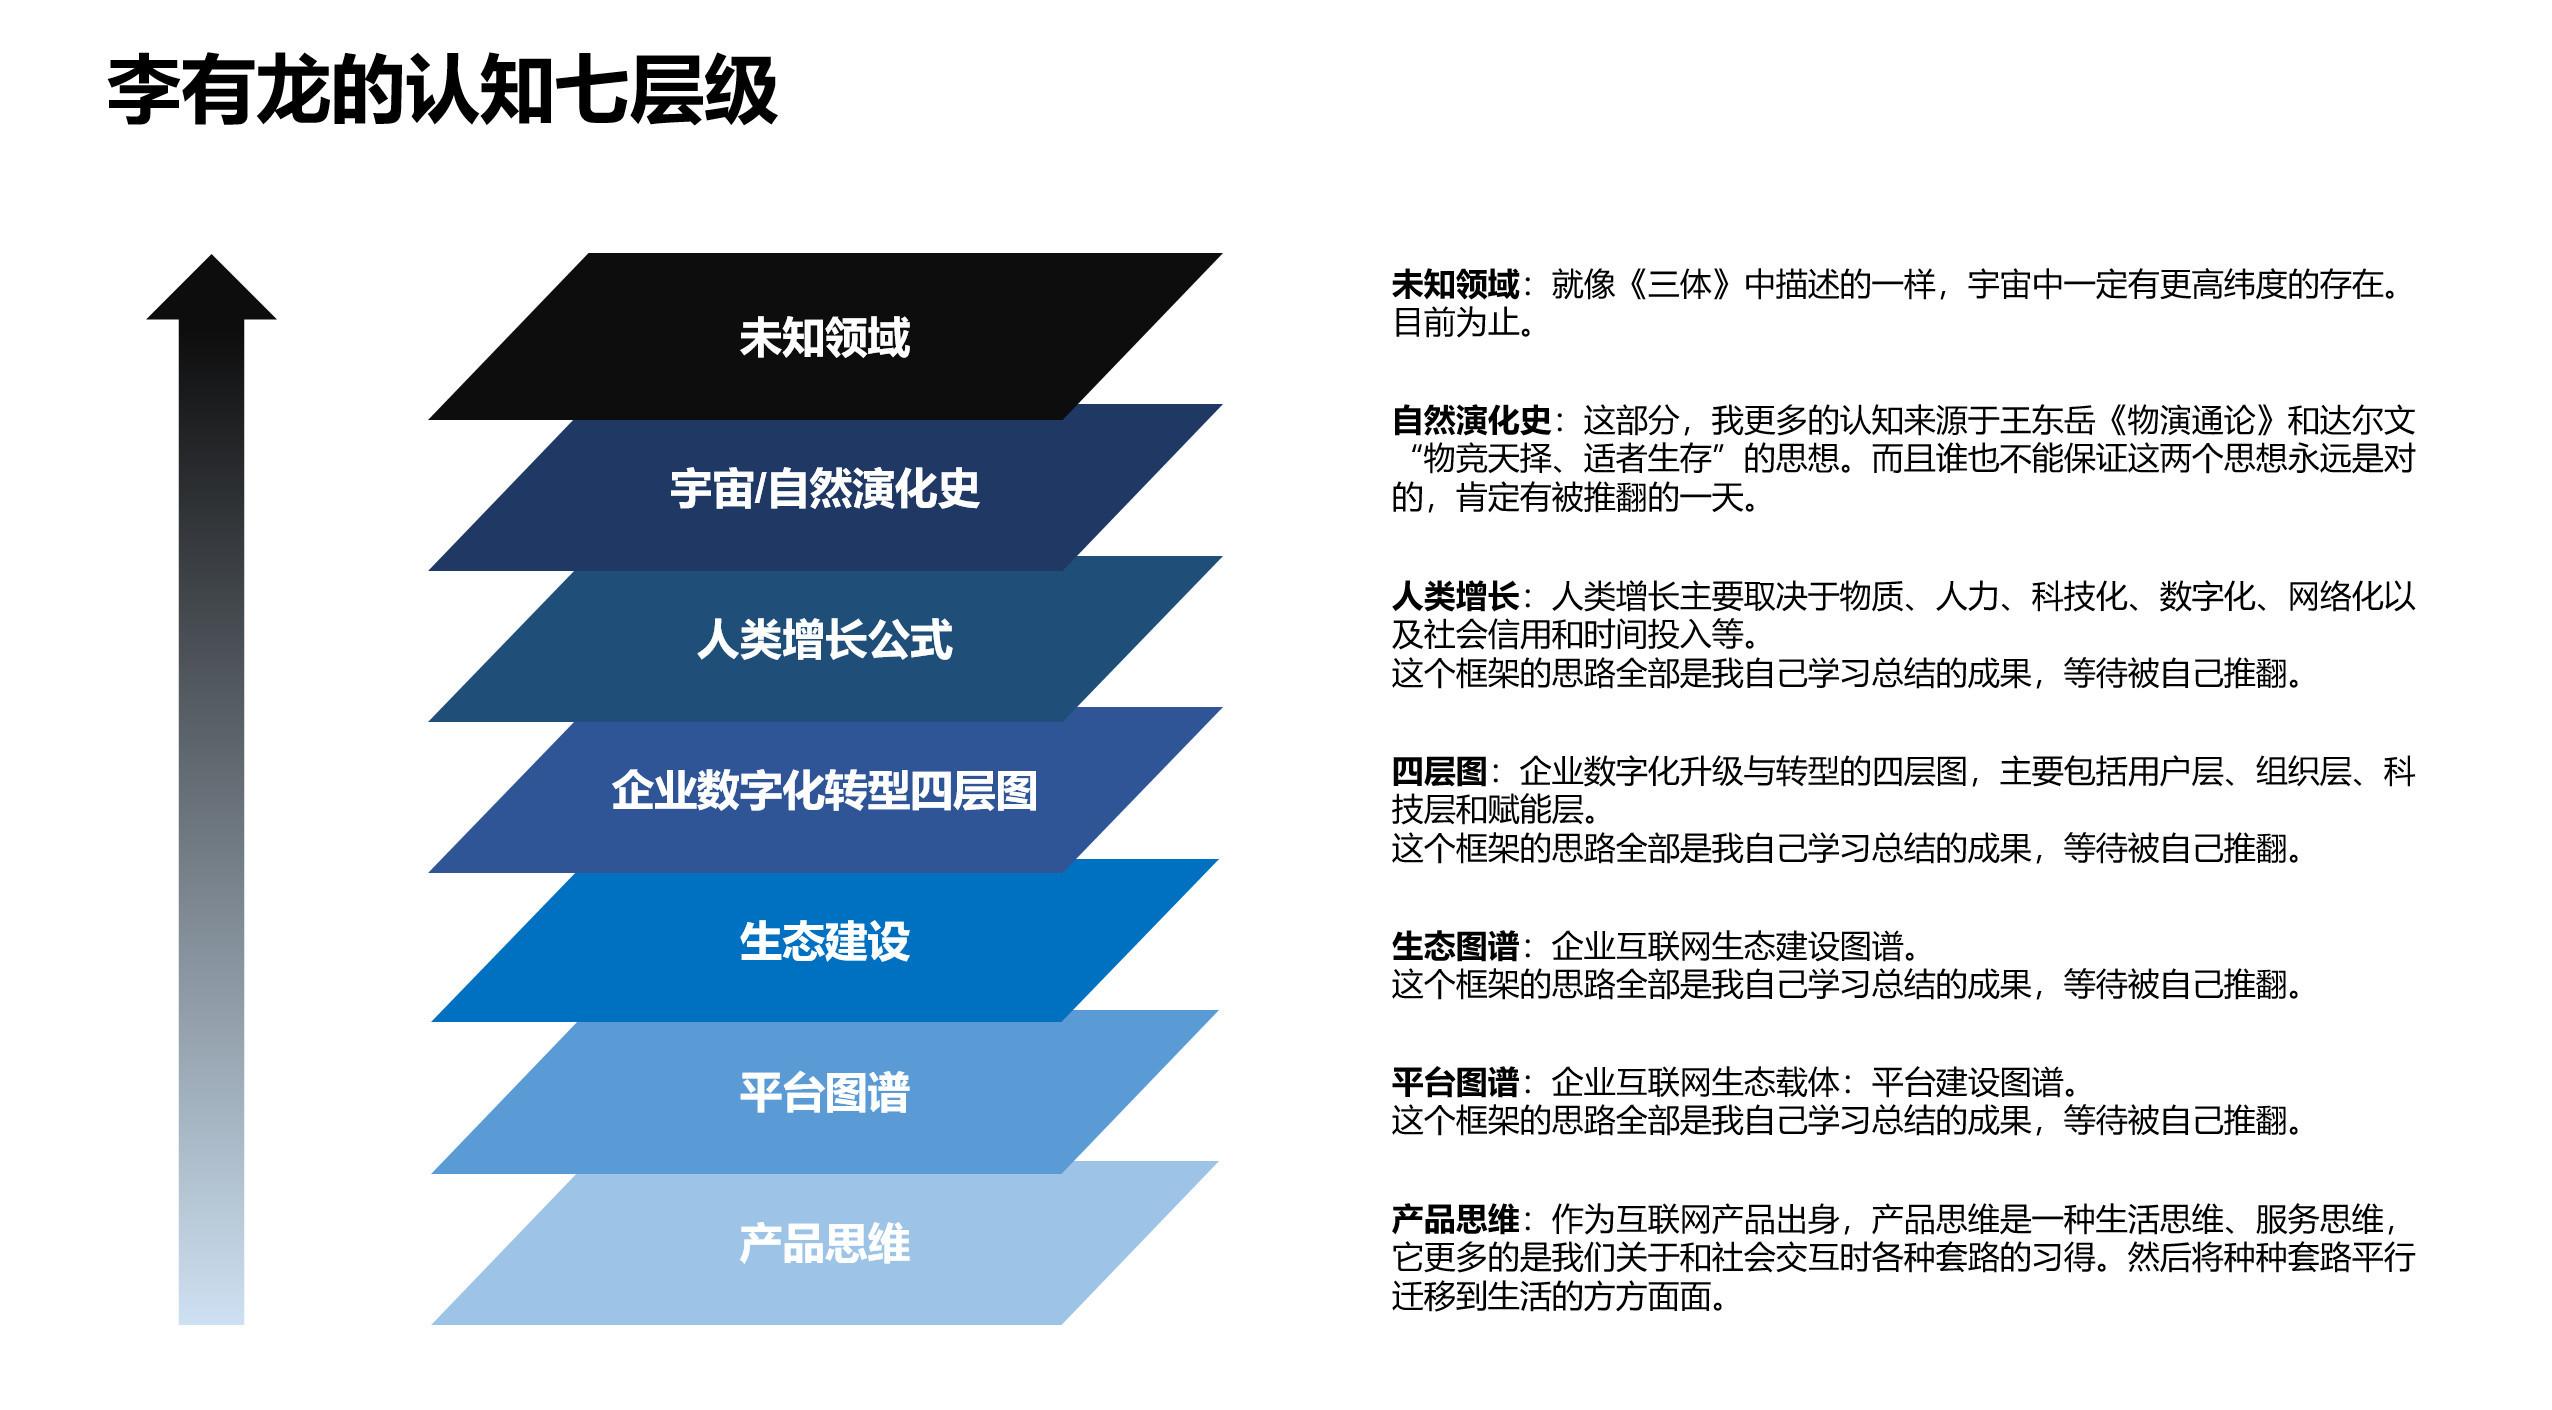 图07:李有龙的认知层级 来源:李有龙《保险业生态战略系列培训课程》